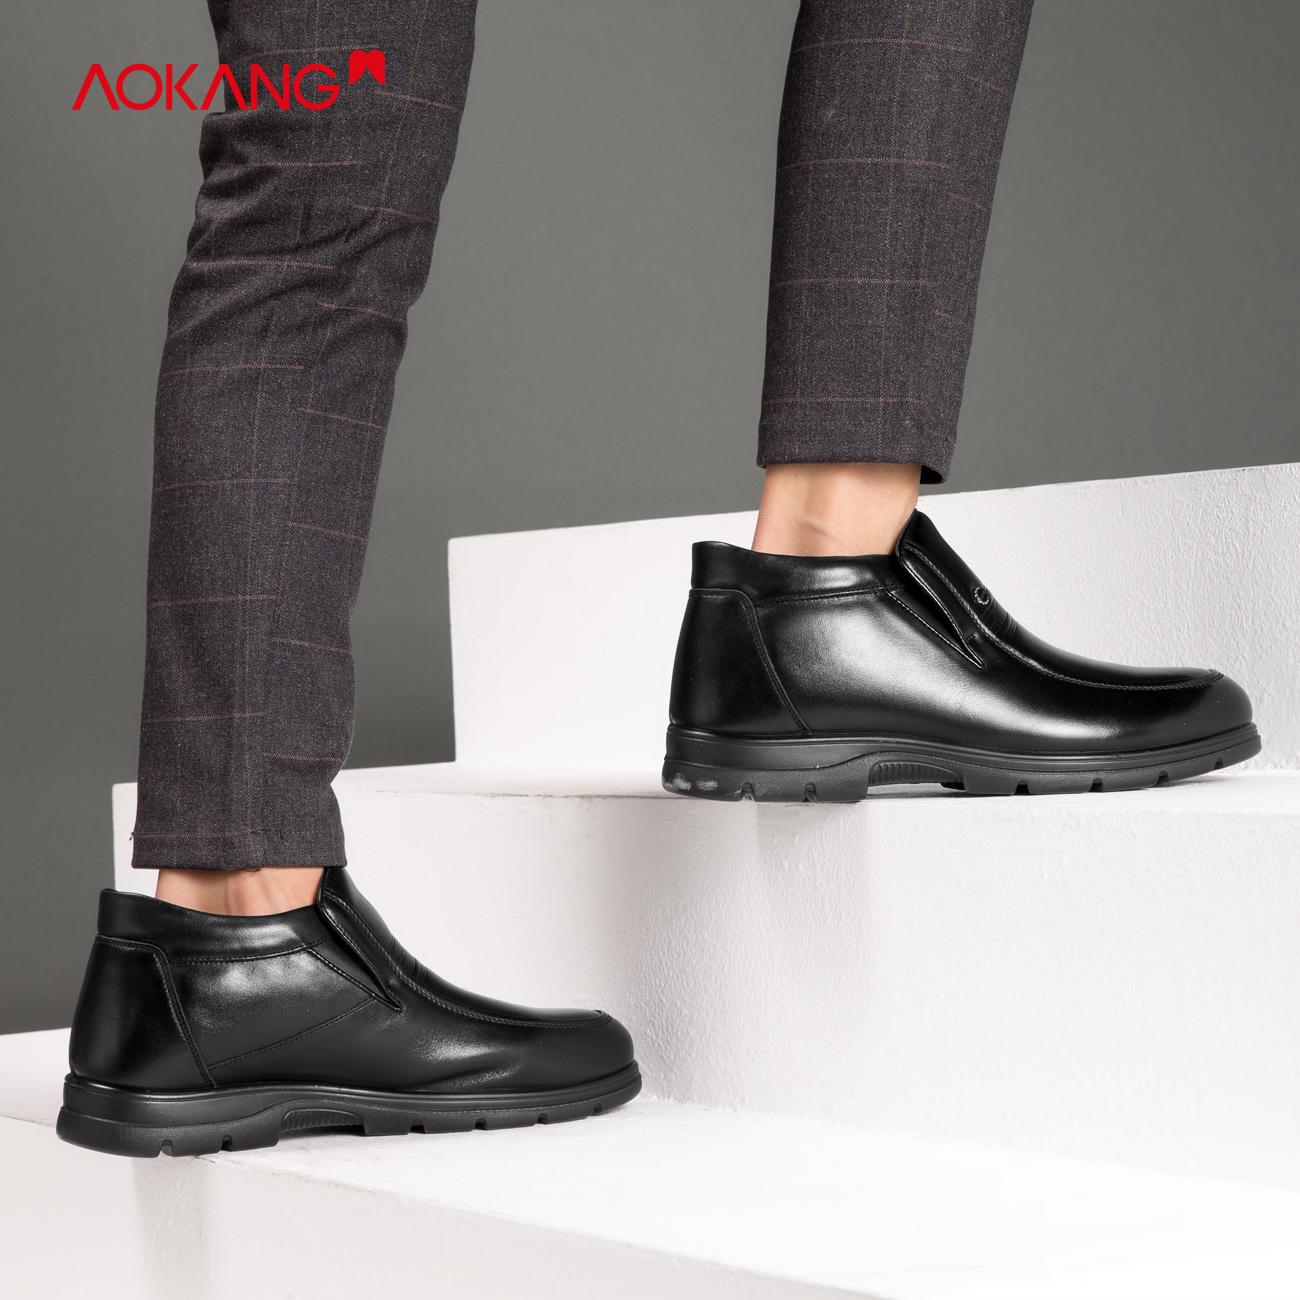 奥康 高帮加绒保暖 男式皮鞋 天猫优惠券折后¥169包邮(¥269-100)2色可选